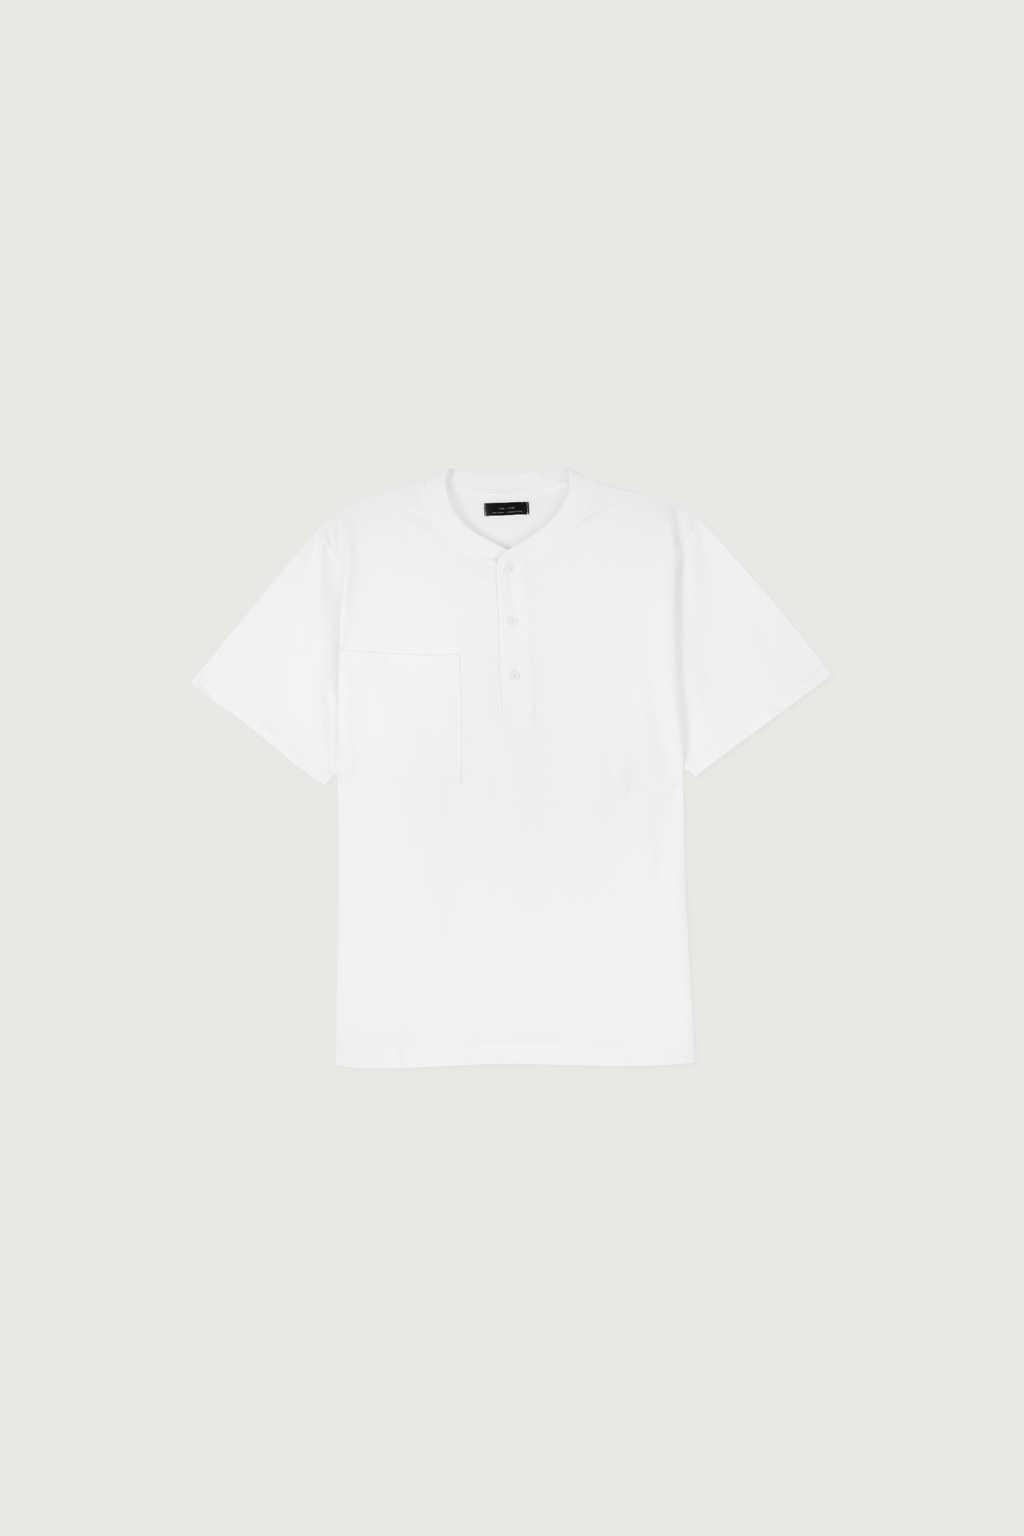 TShirt 3192 White 18